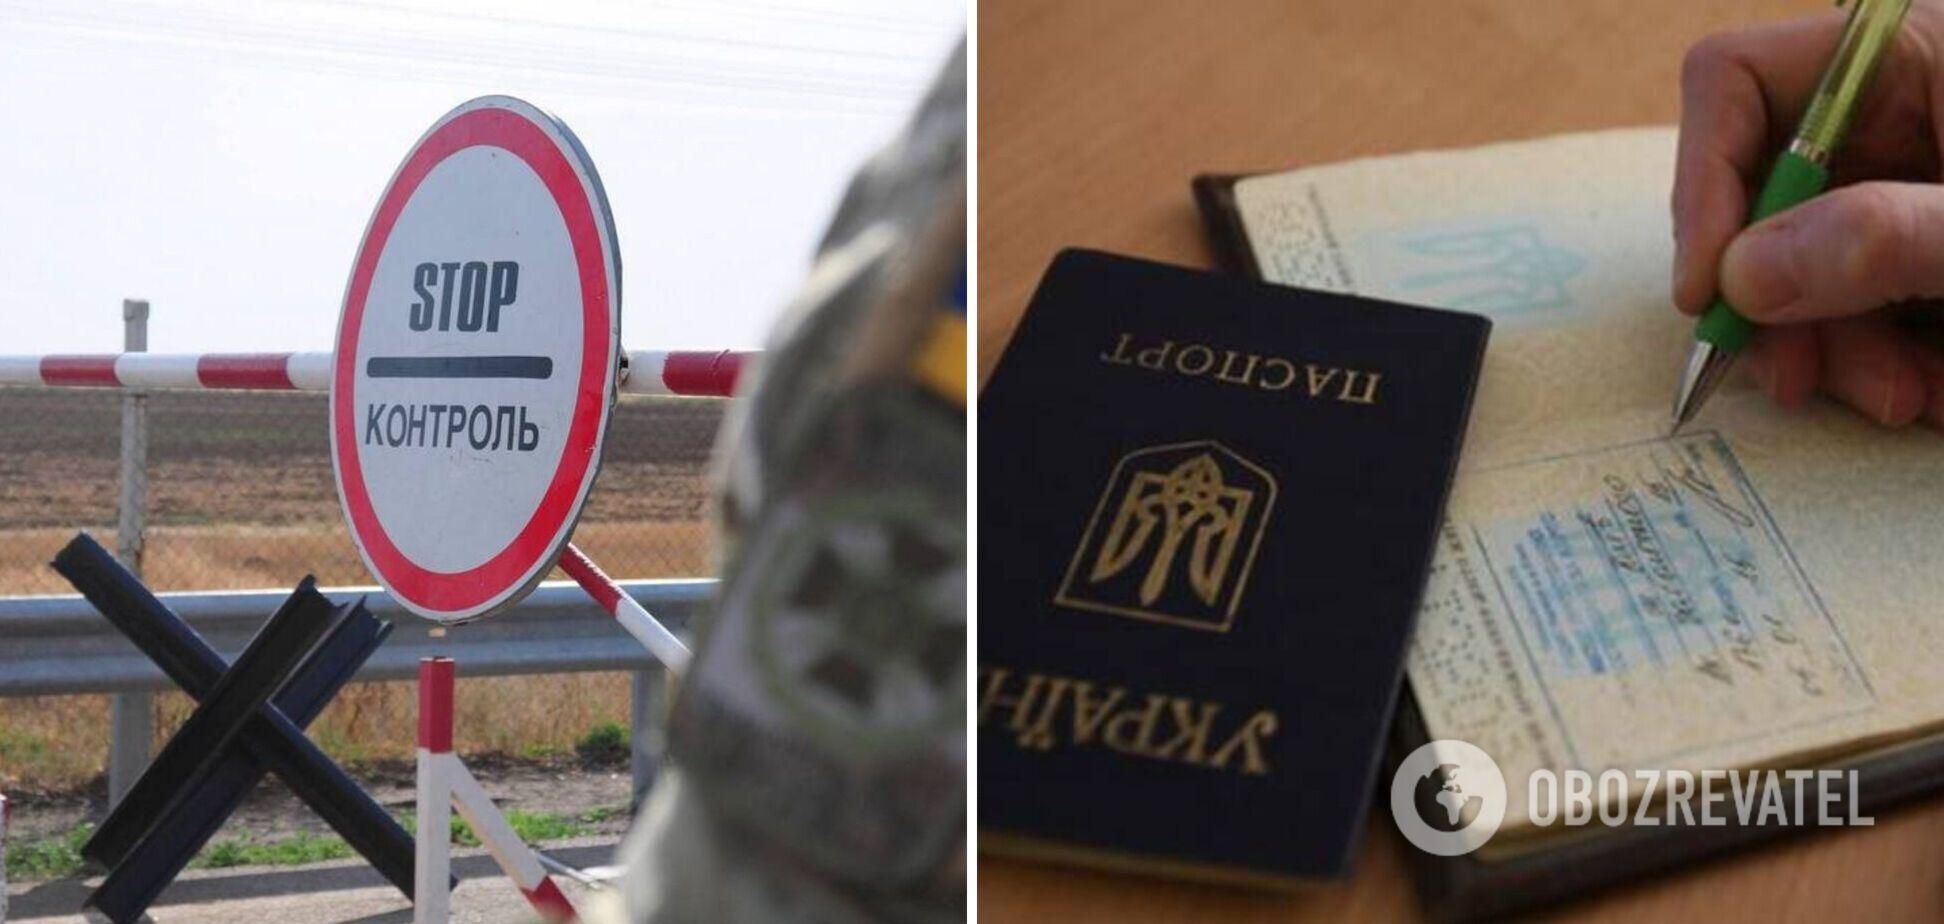 Донецьк, Україна: дітям, які народилися в окупації, хочуть змінити 'порожній' паспорт